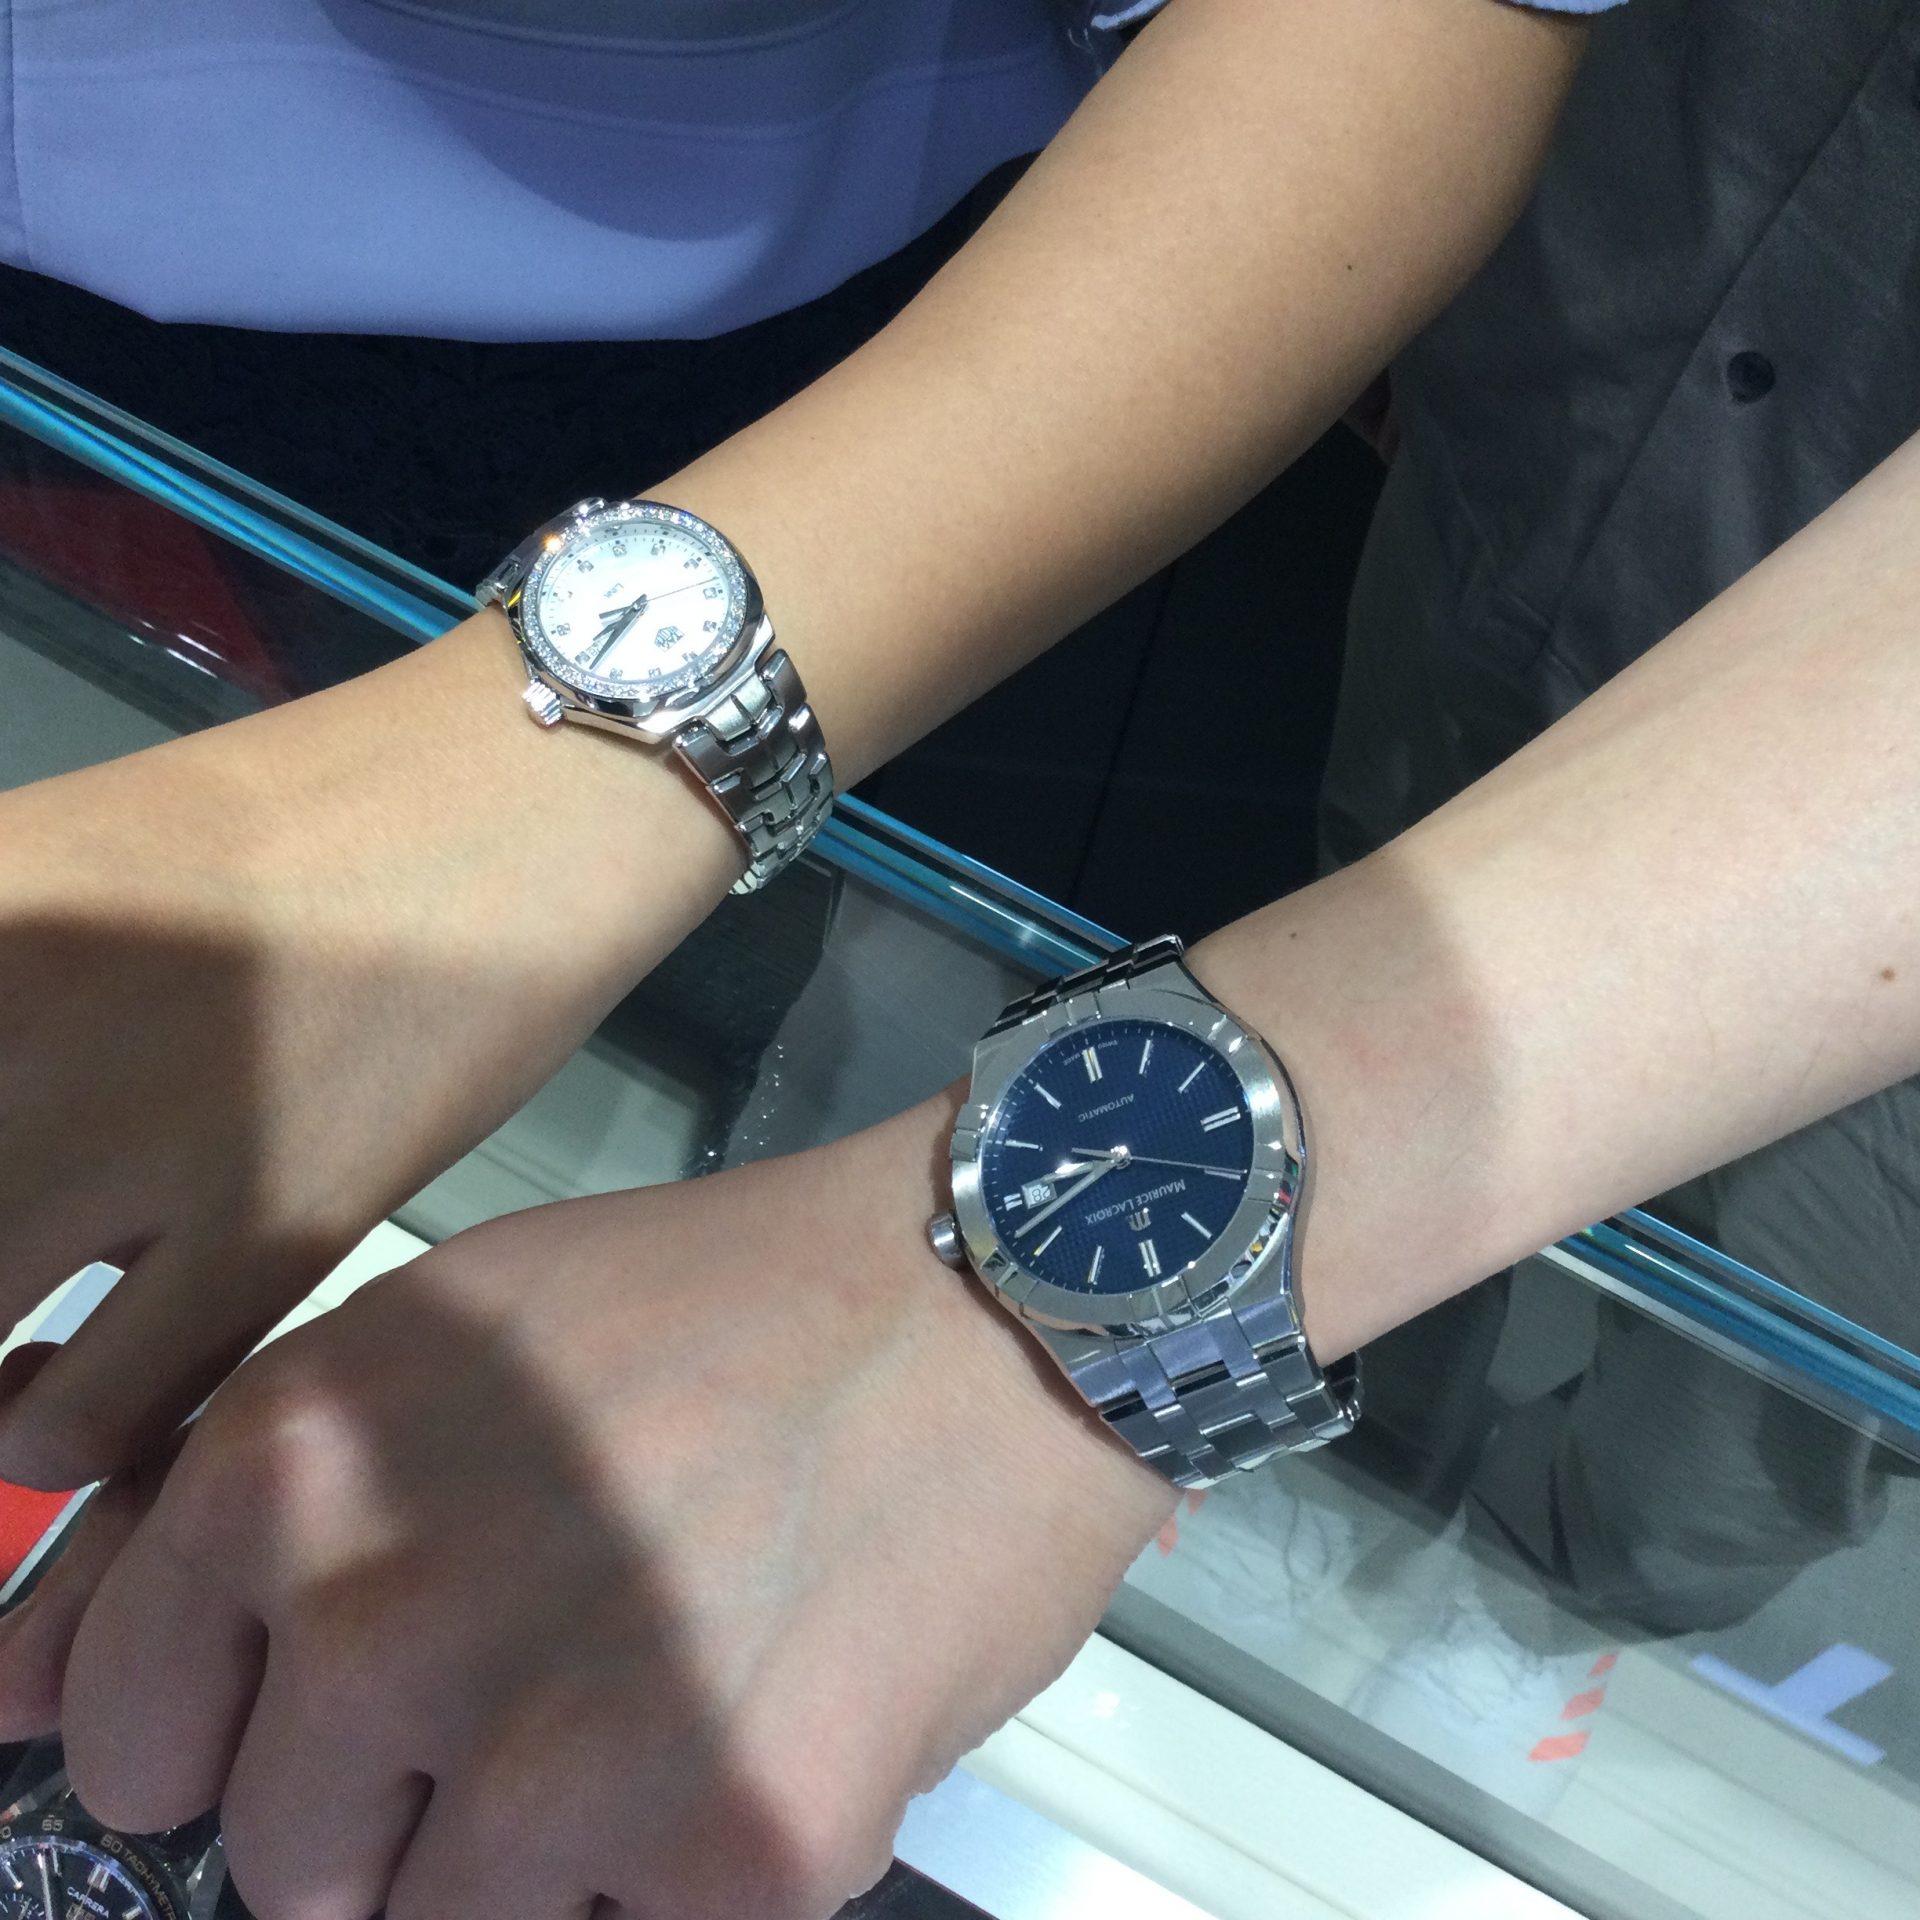 タグホイヤーのお時計をお買い上げ頂きまして、有難うございます! 画像2